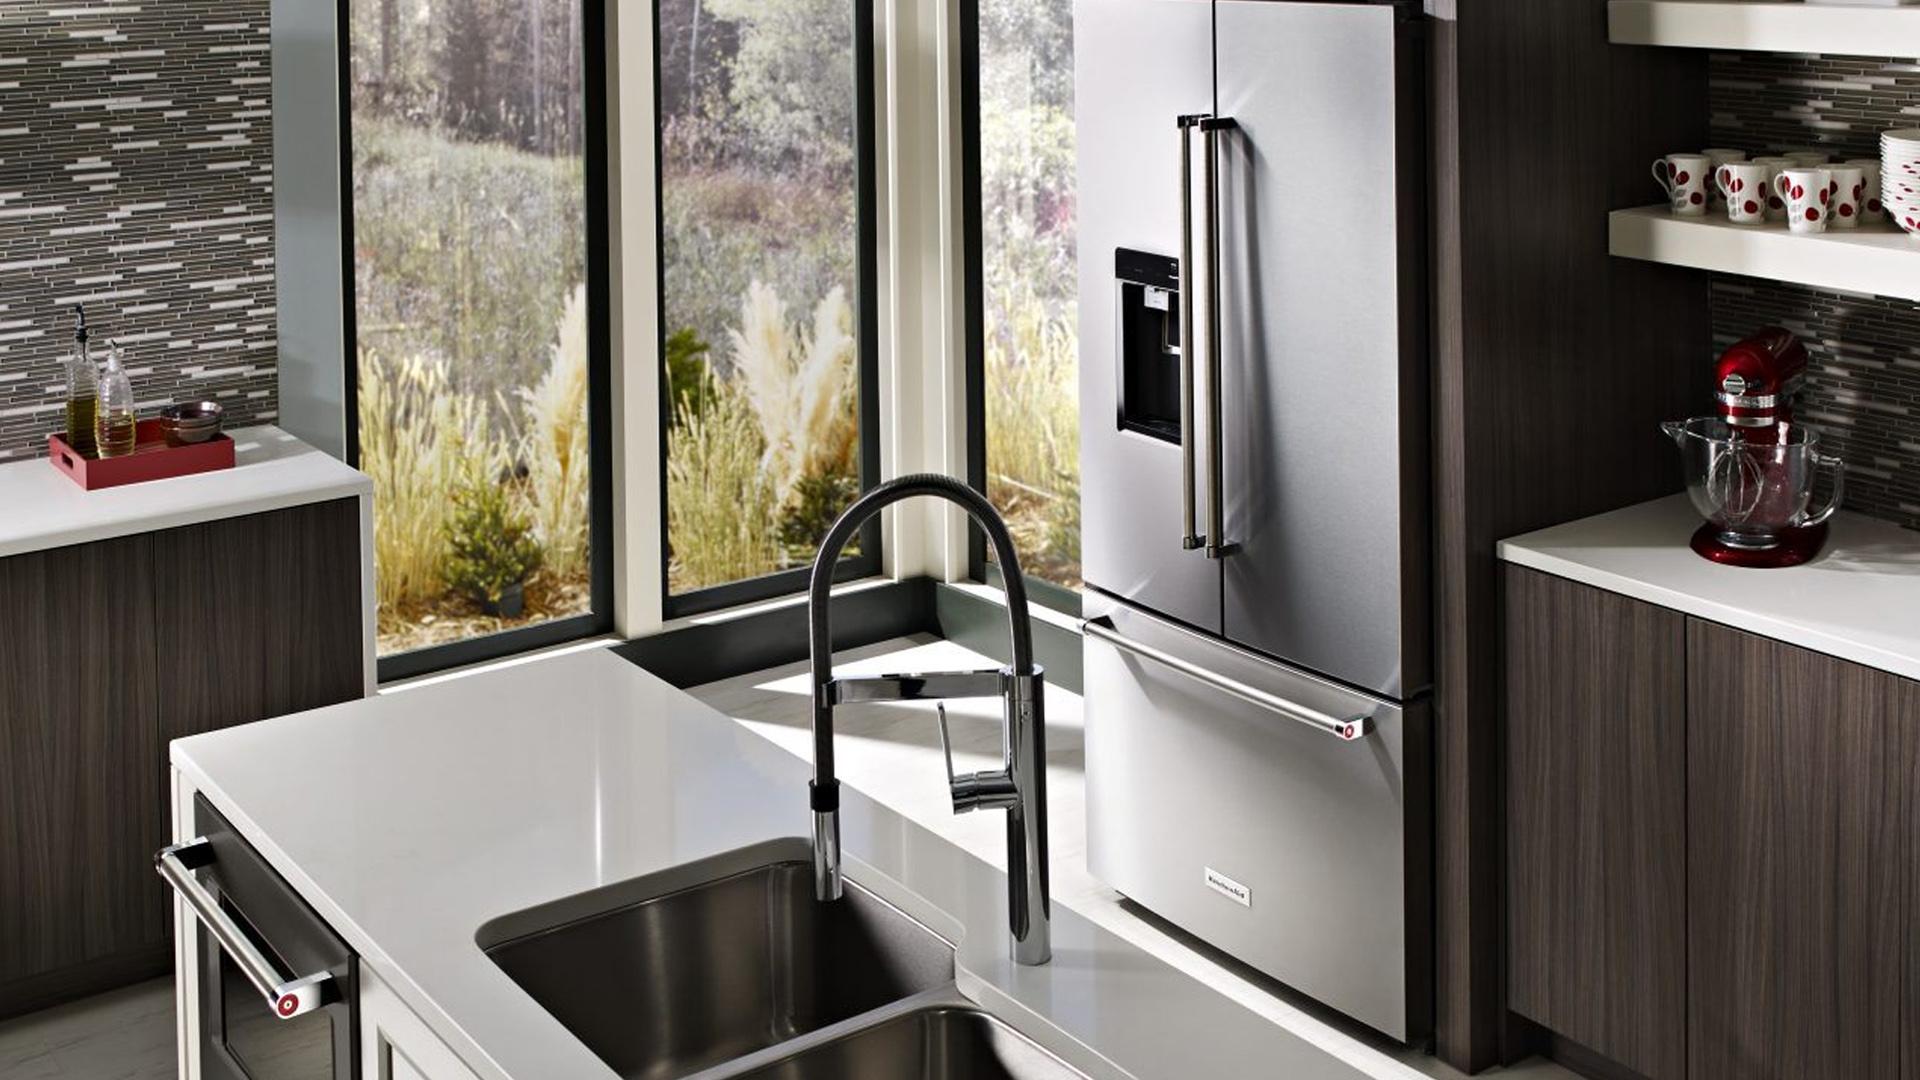 Kitchenaid Freestanding Refrigerator Repair | Kitchenaid Repairs